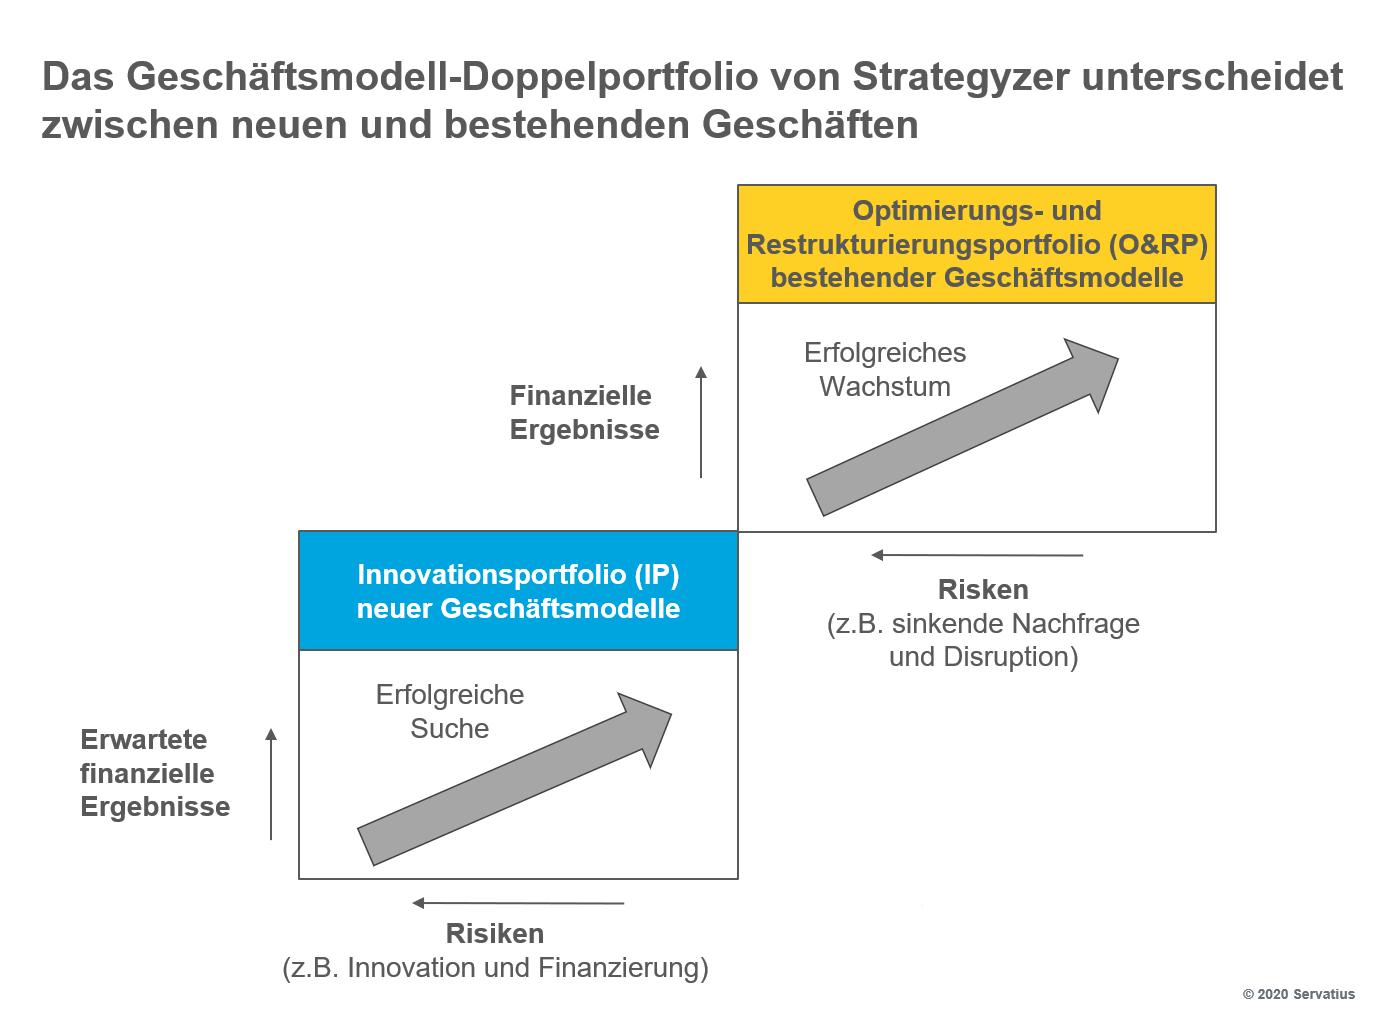 Das Geschäftsmodell-Doppelportfolio unterscheidet zwischen neuen und bestehenden Geschäften